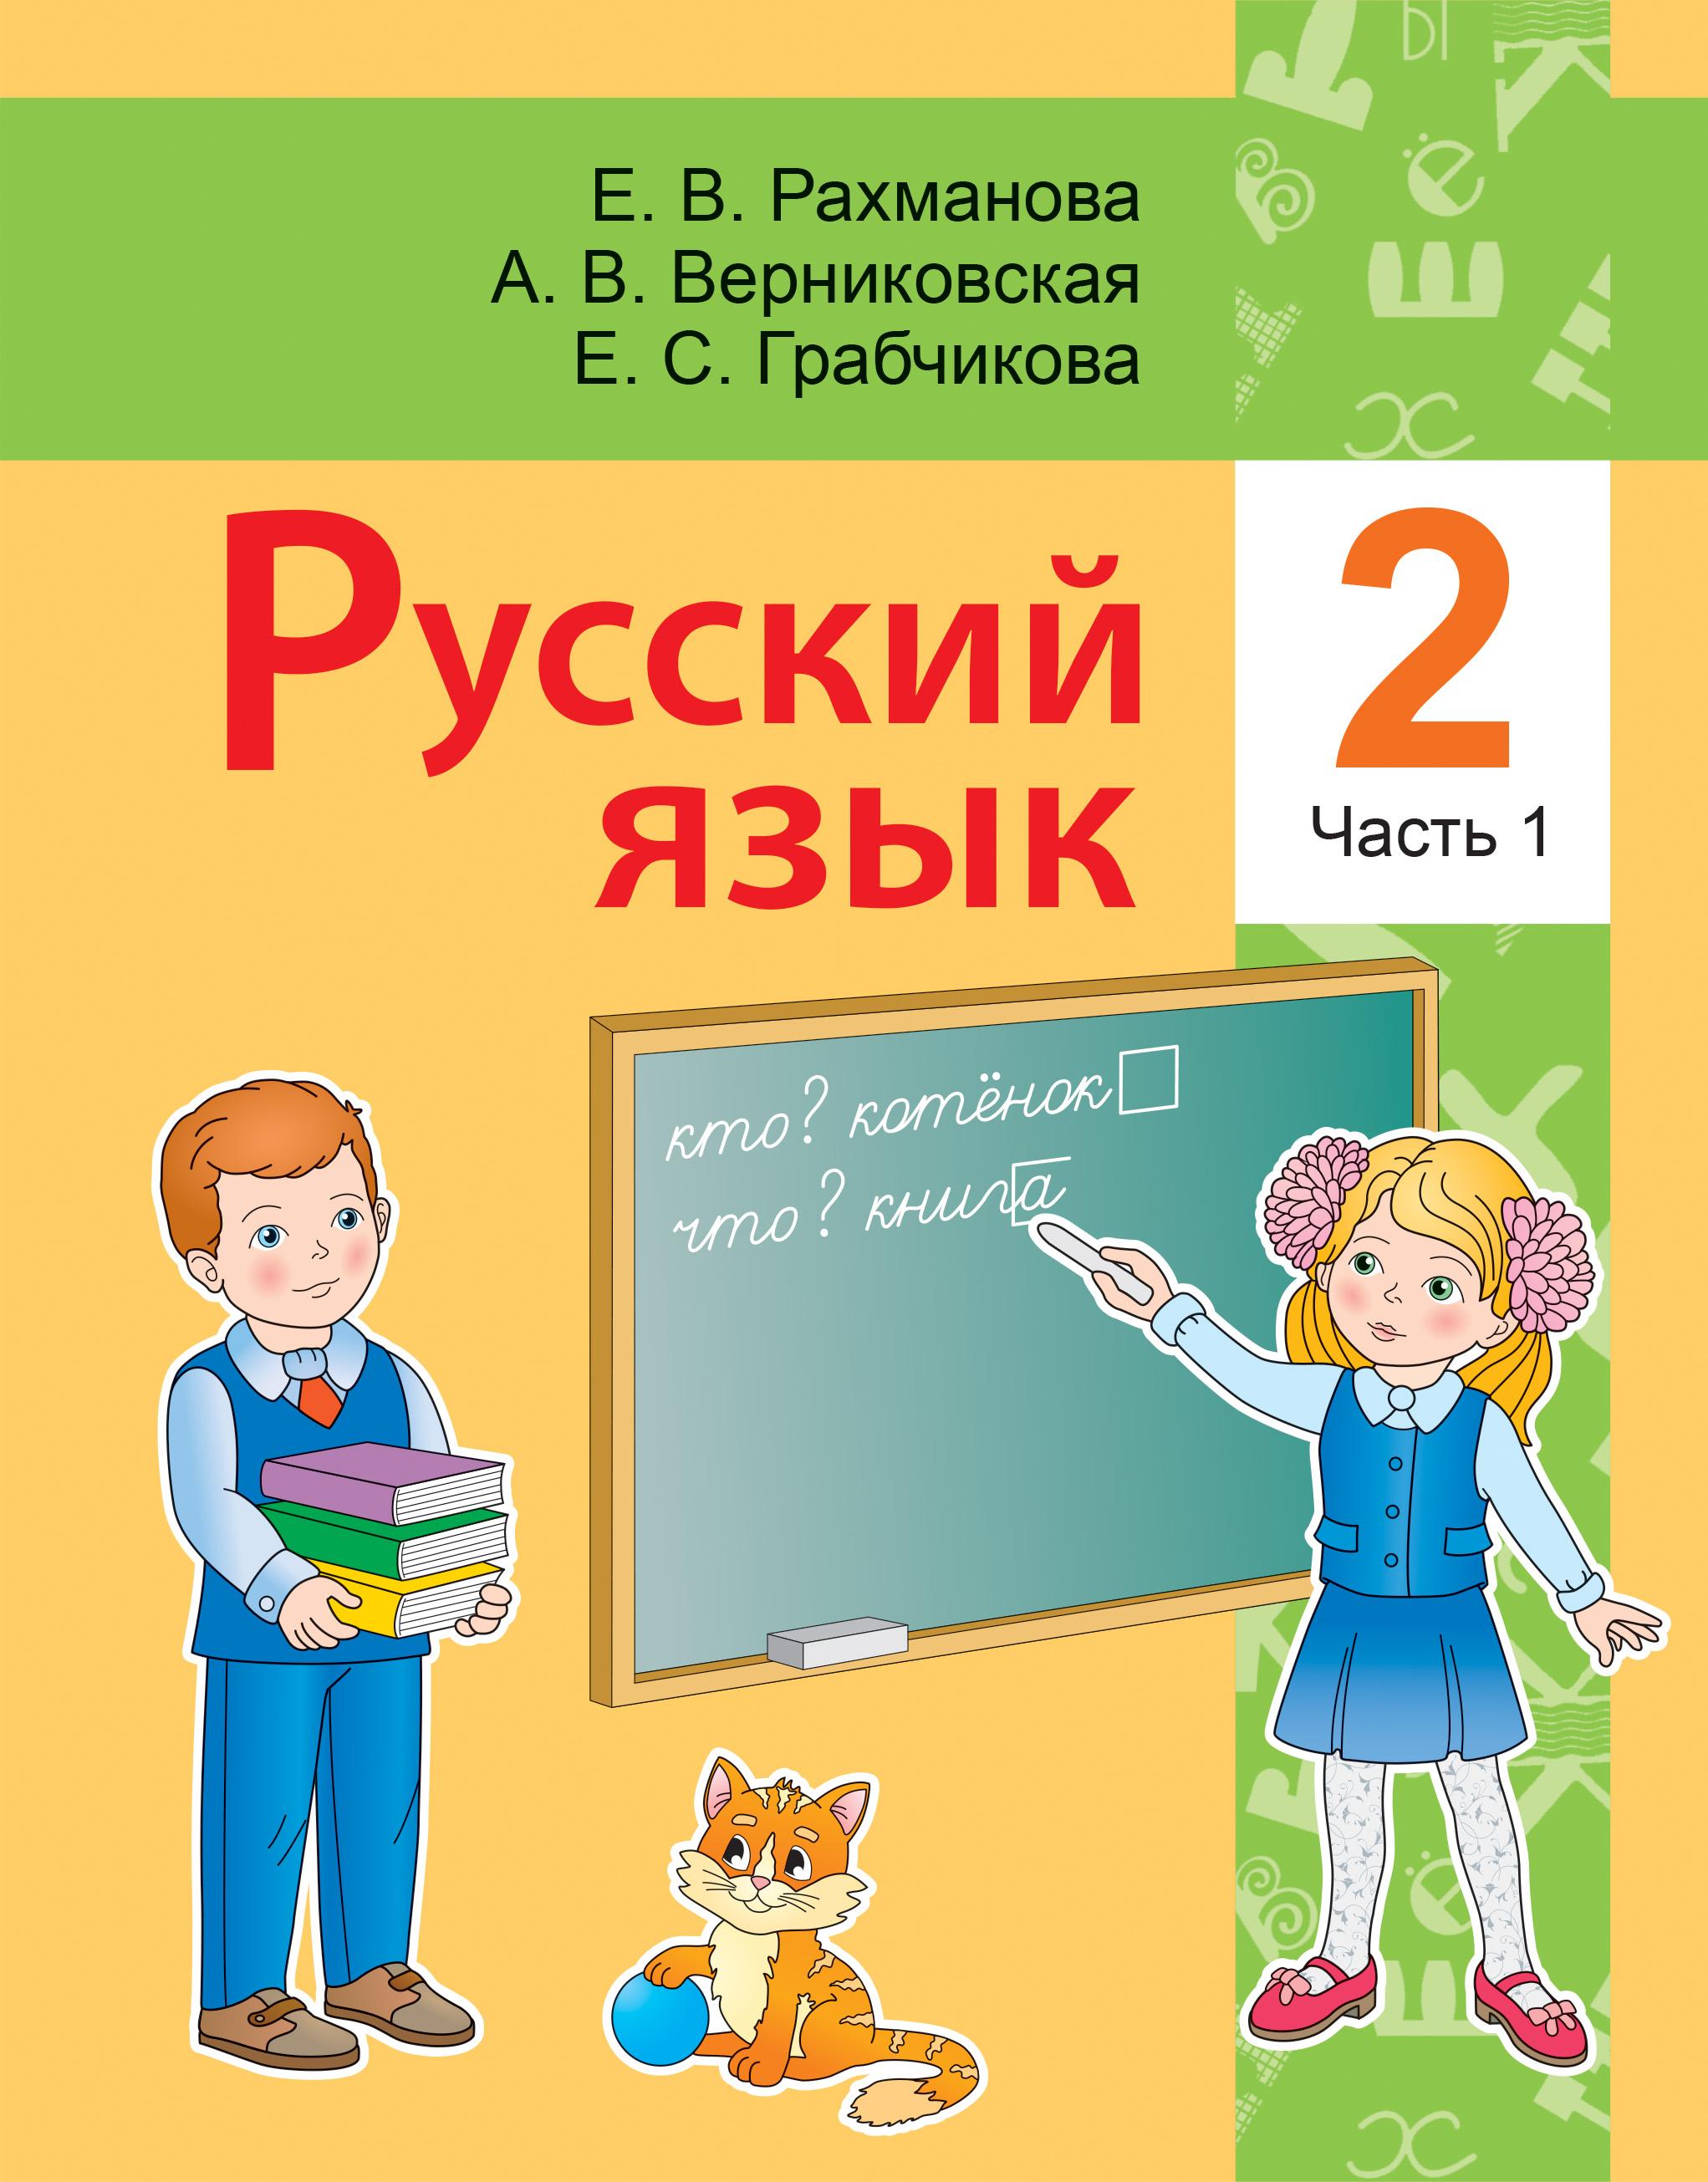 Русский язык, 2 класс. Часть 1